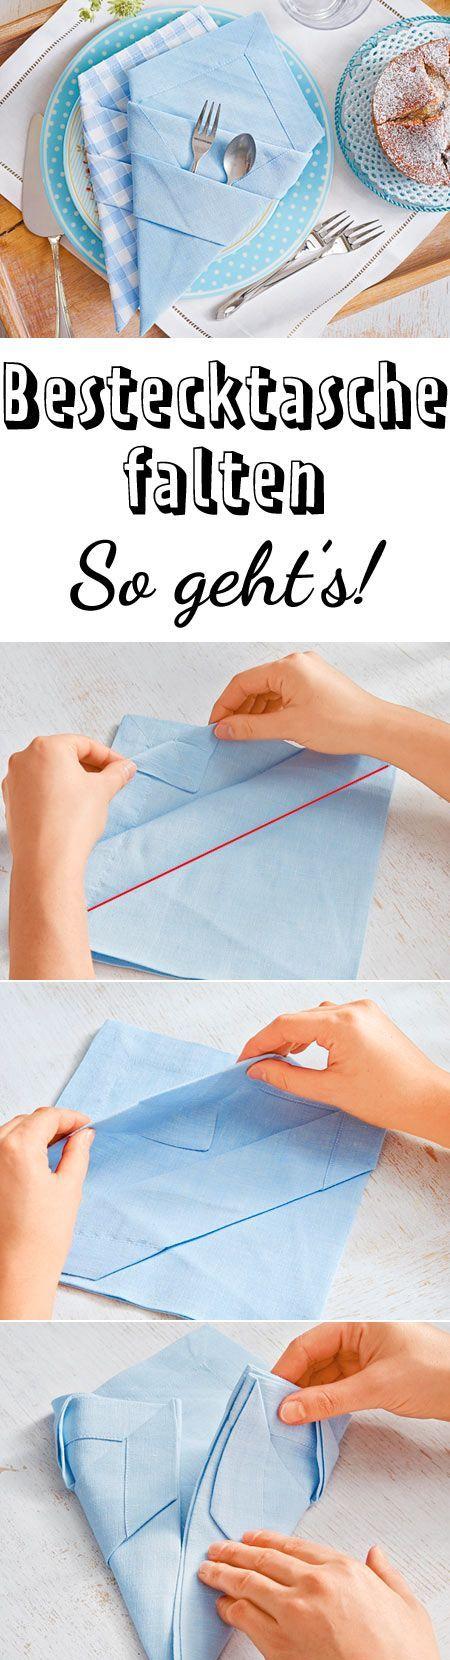 215 besten origami faltkunst bilder auf pinterest bastelei hausaufgaben und sch ner wohnen. Black Bedroom Furniture Sets. Home Design Ideas